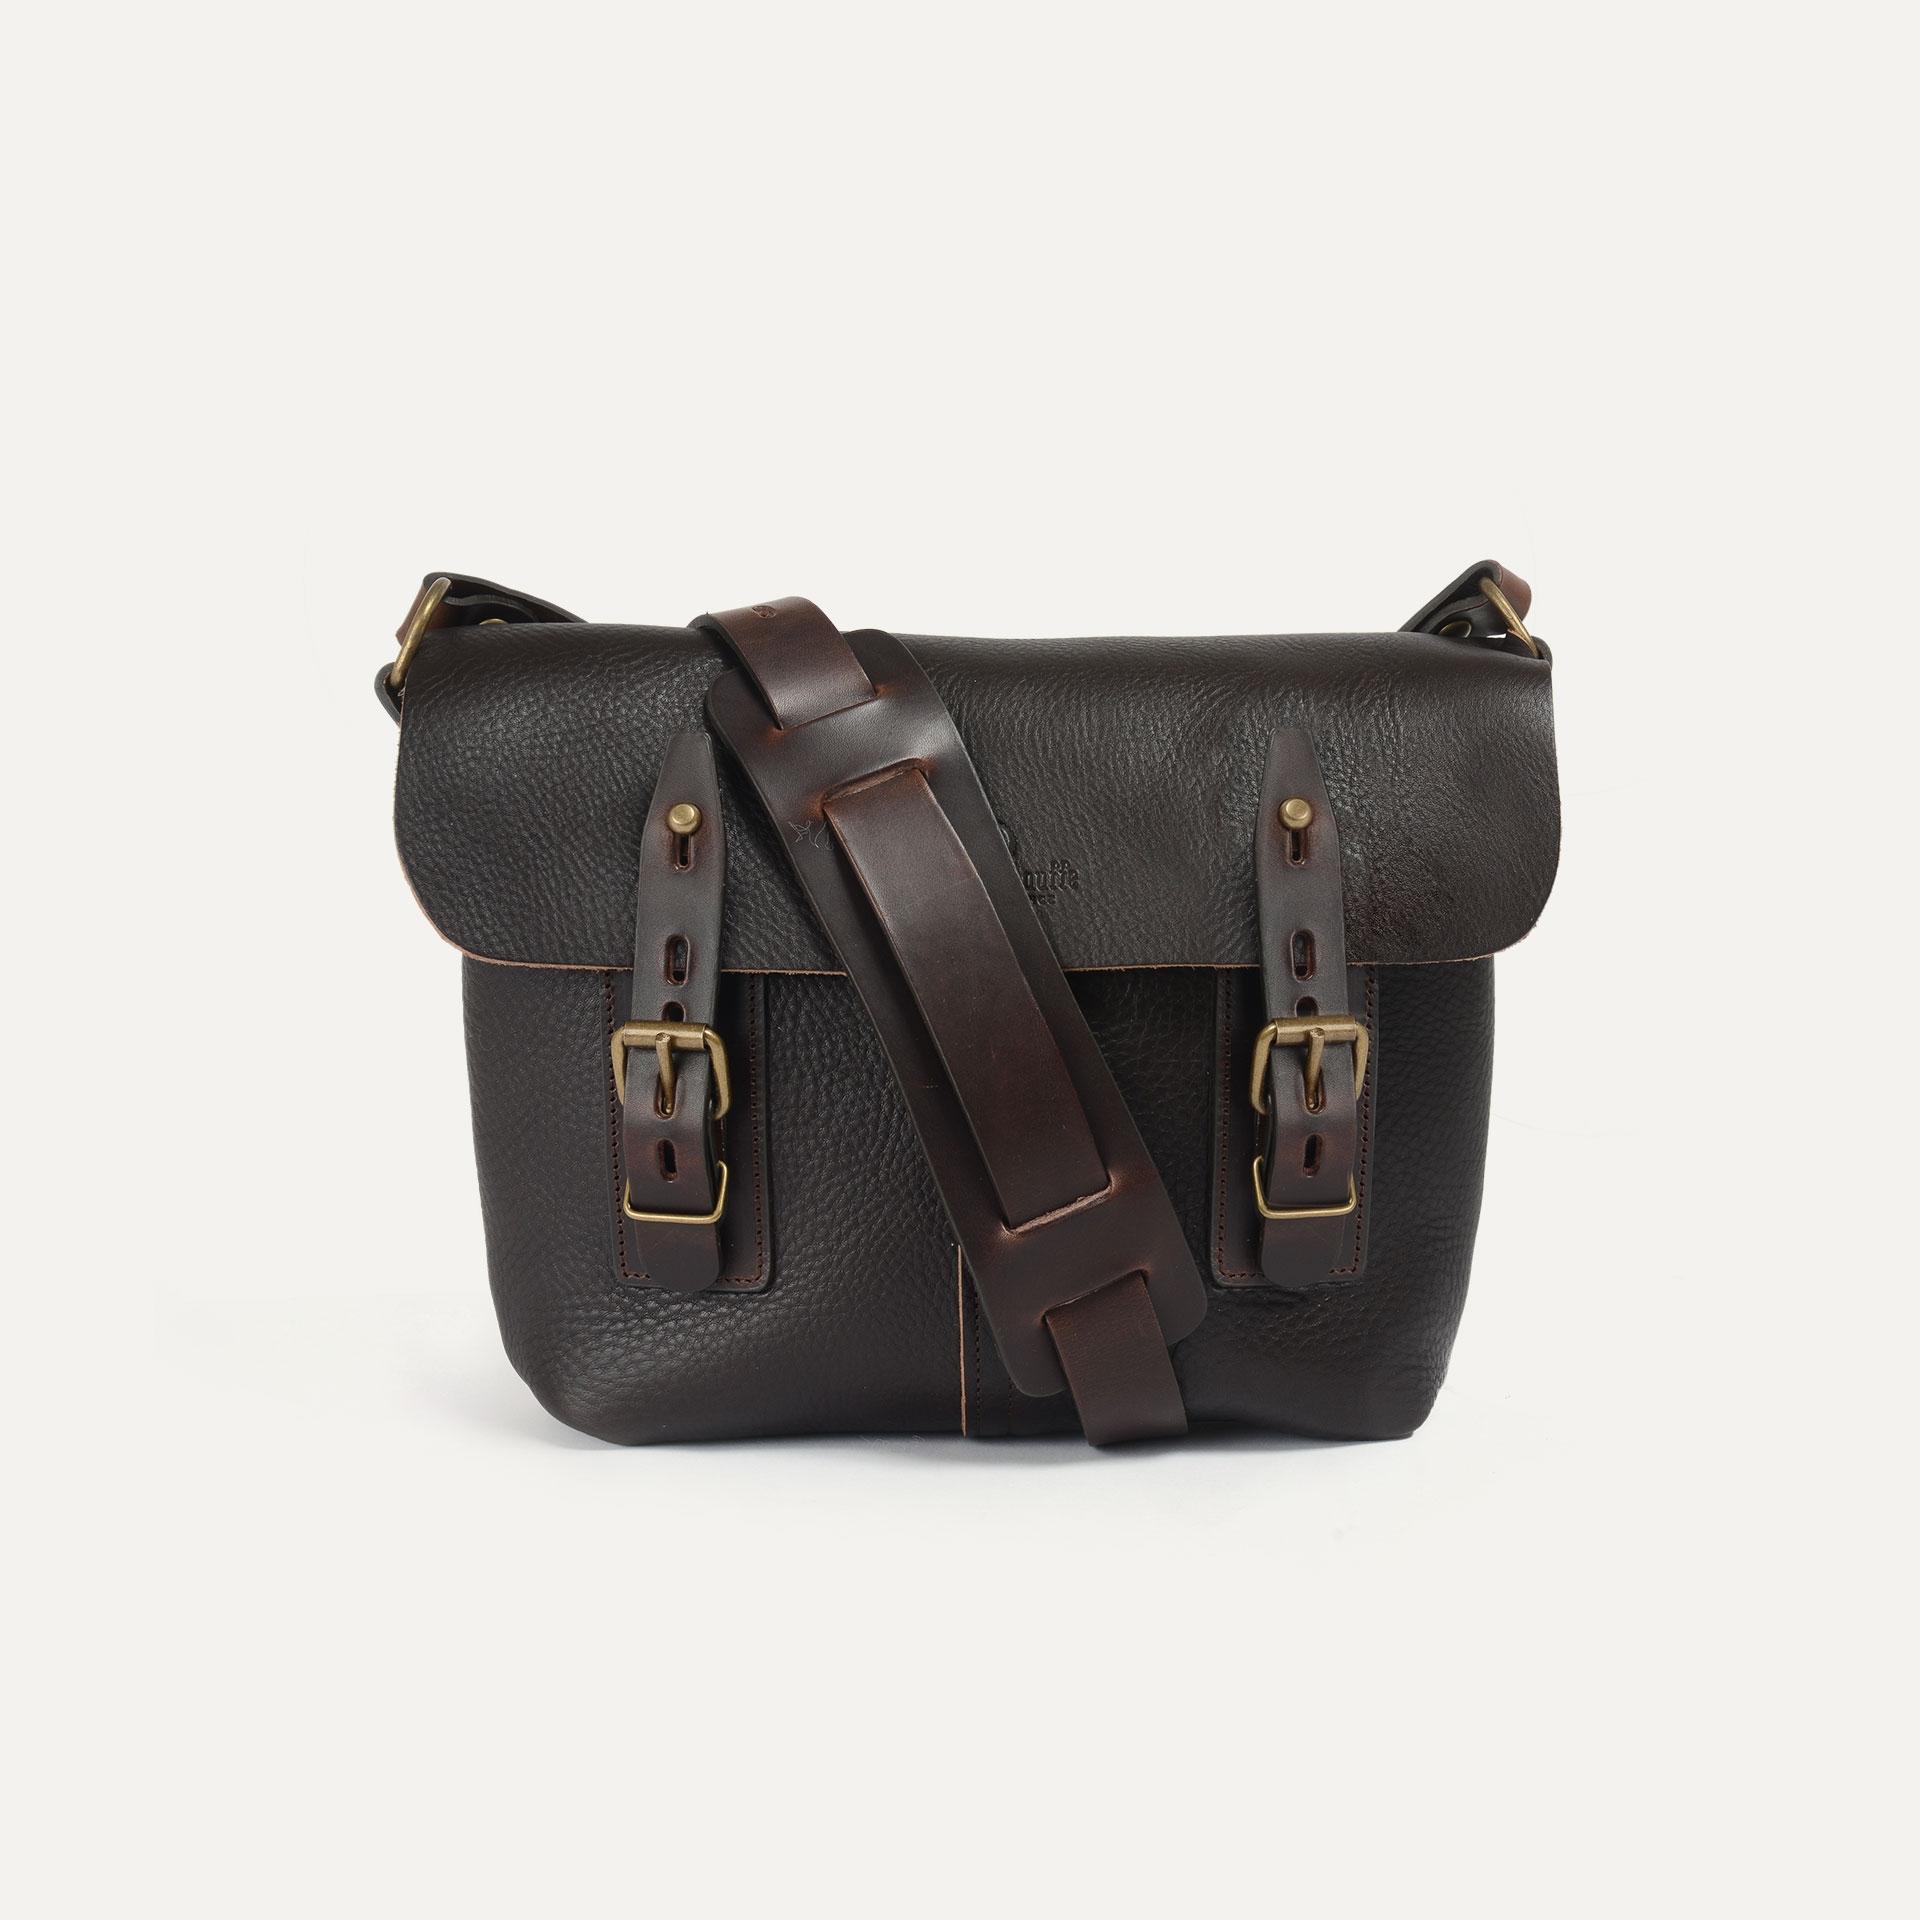 Louis Satchel bag - Dark Brown (image n°1)